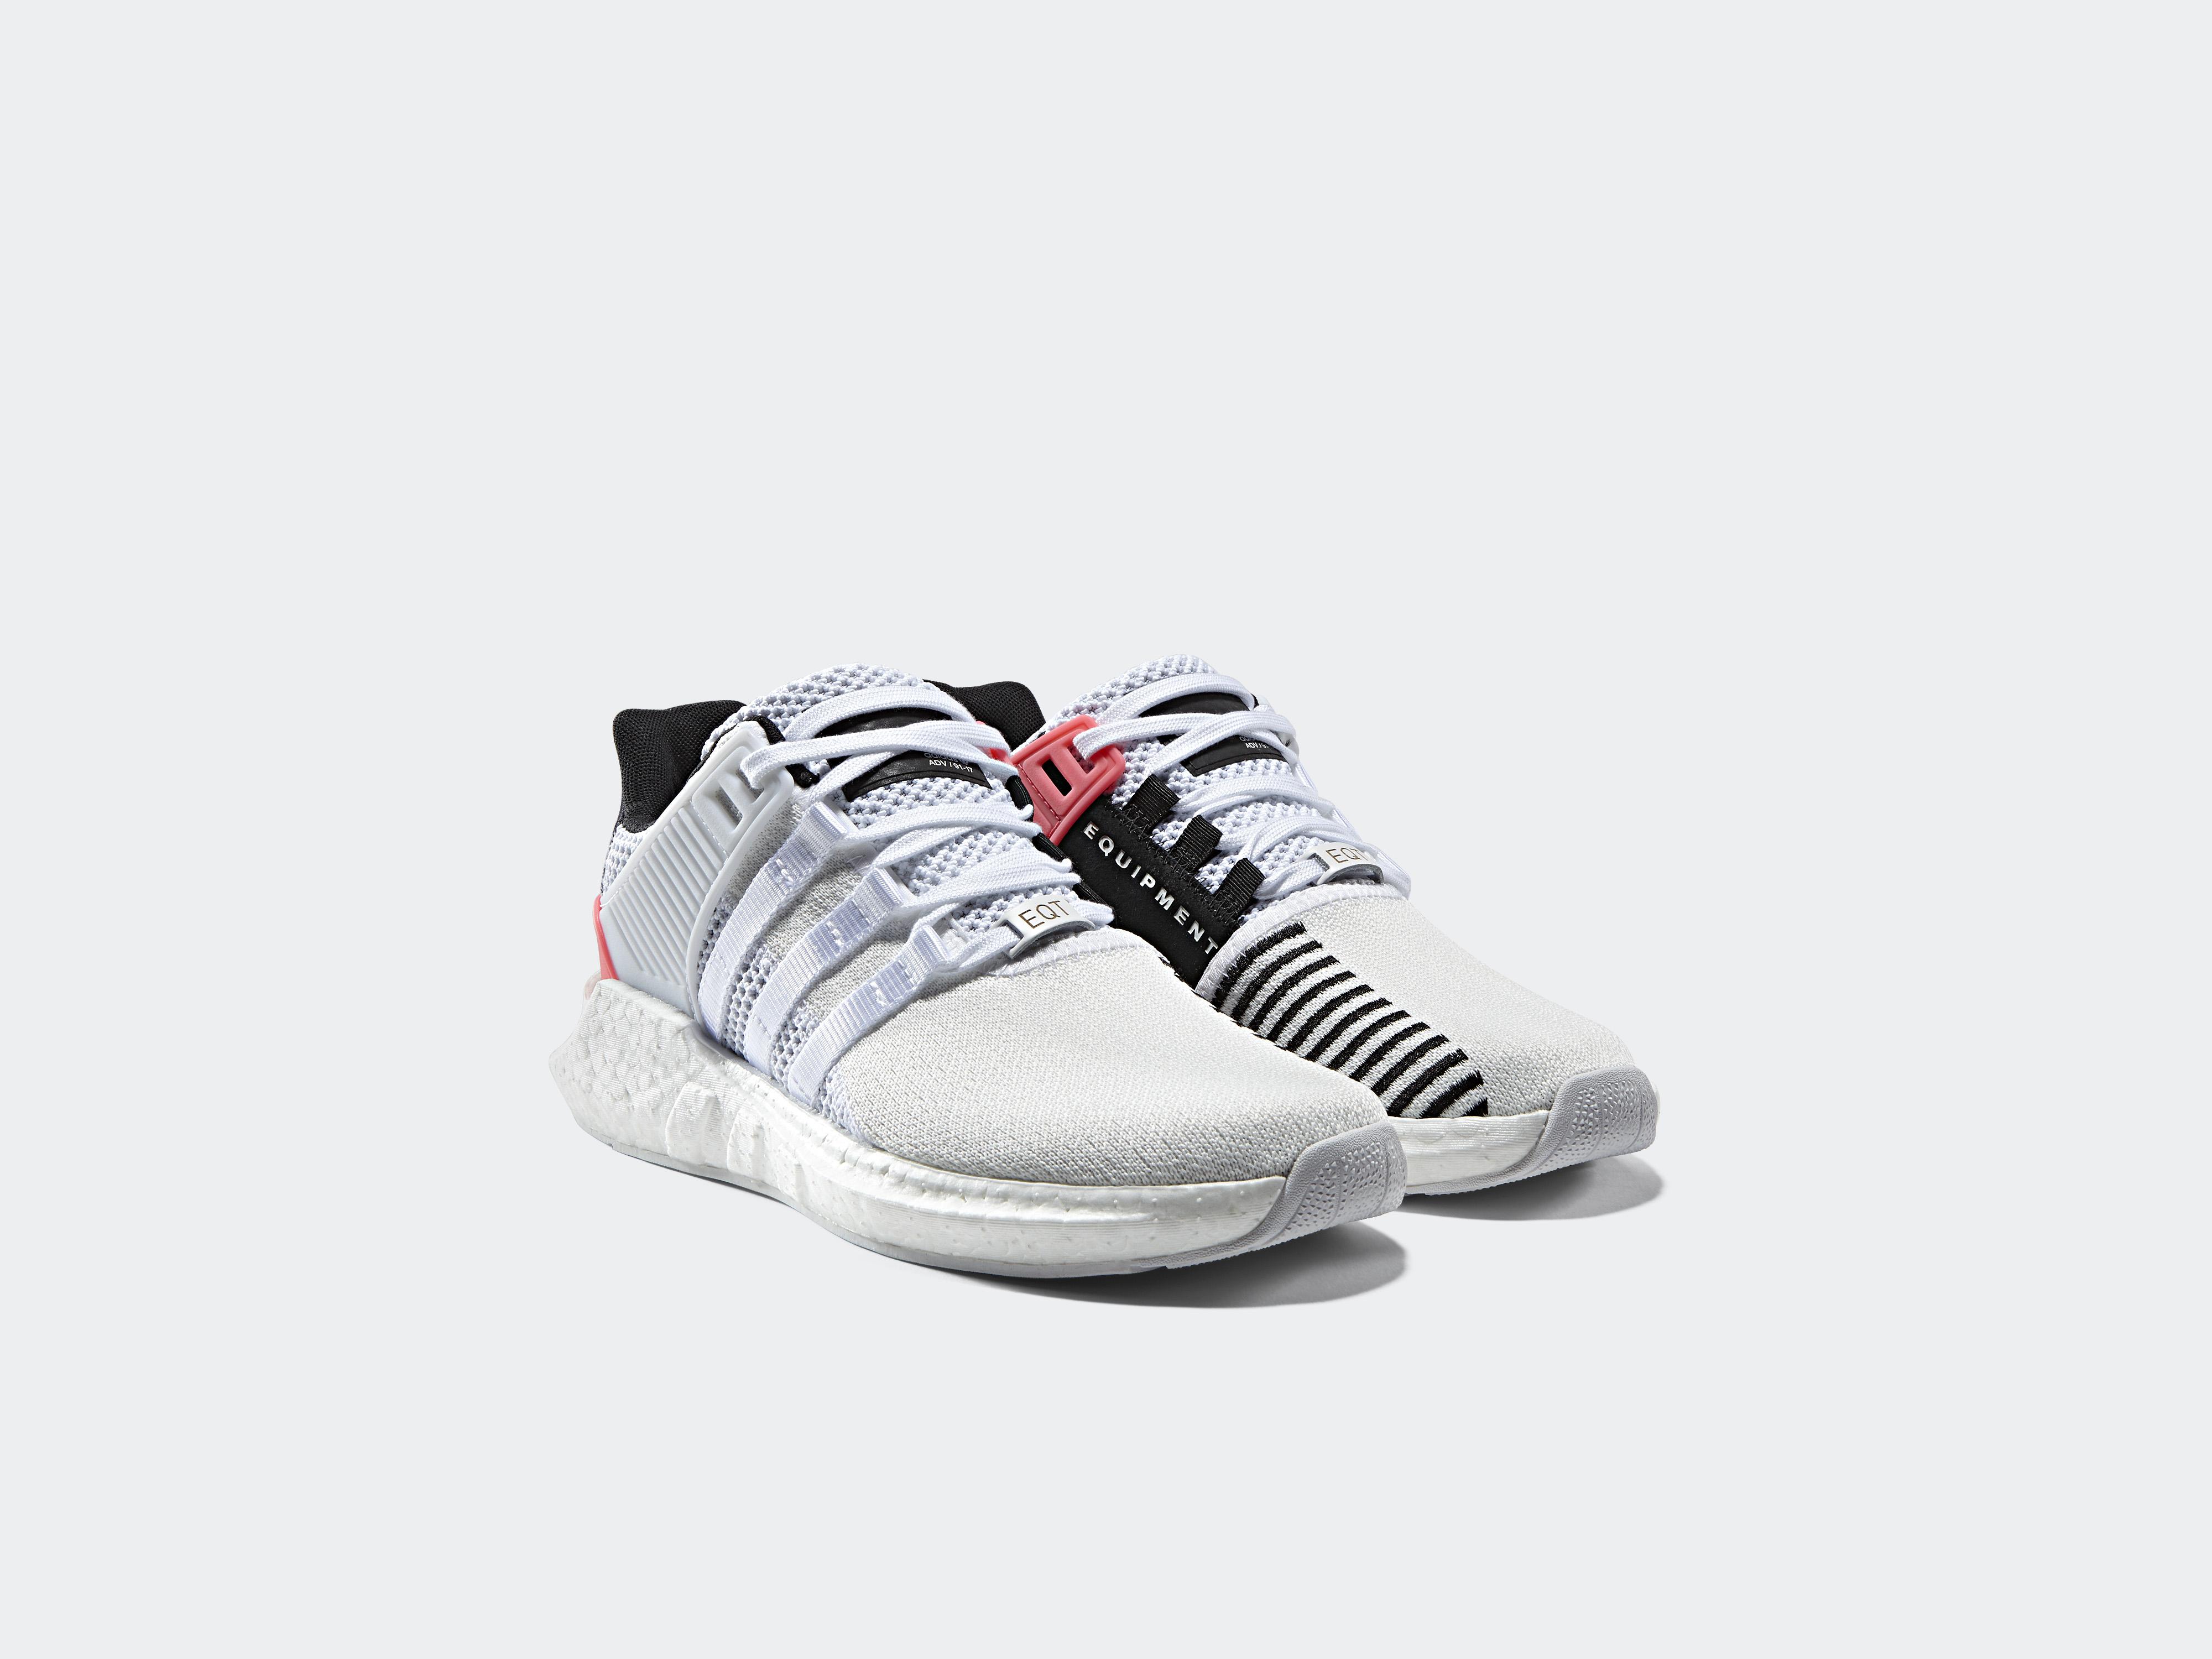 adidas Originals EQT Support 93 17 White Turbo Red 1